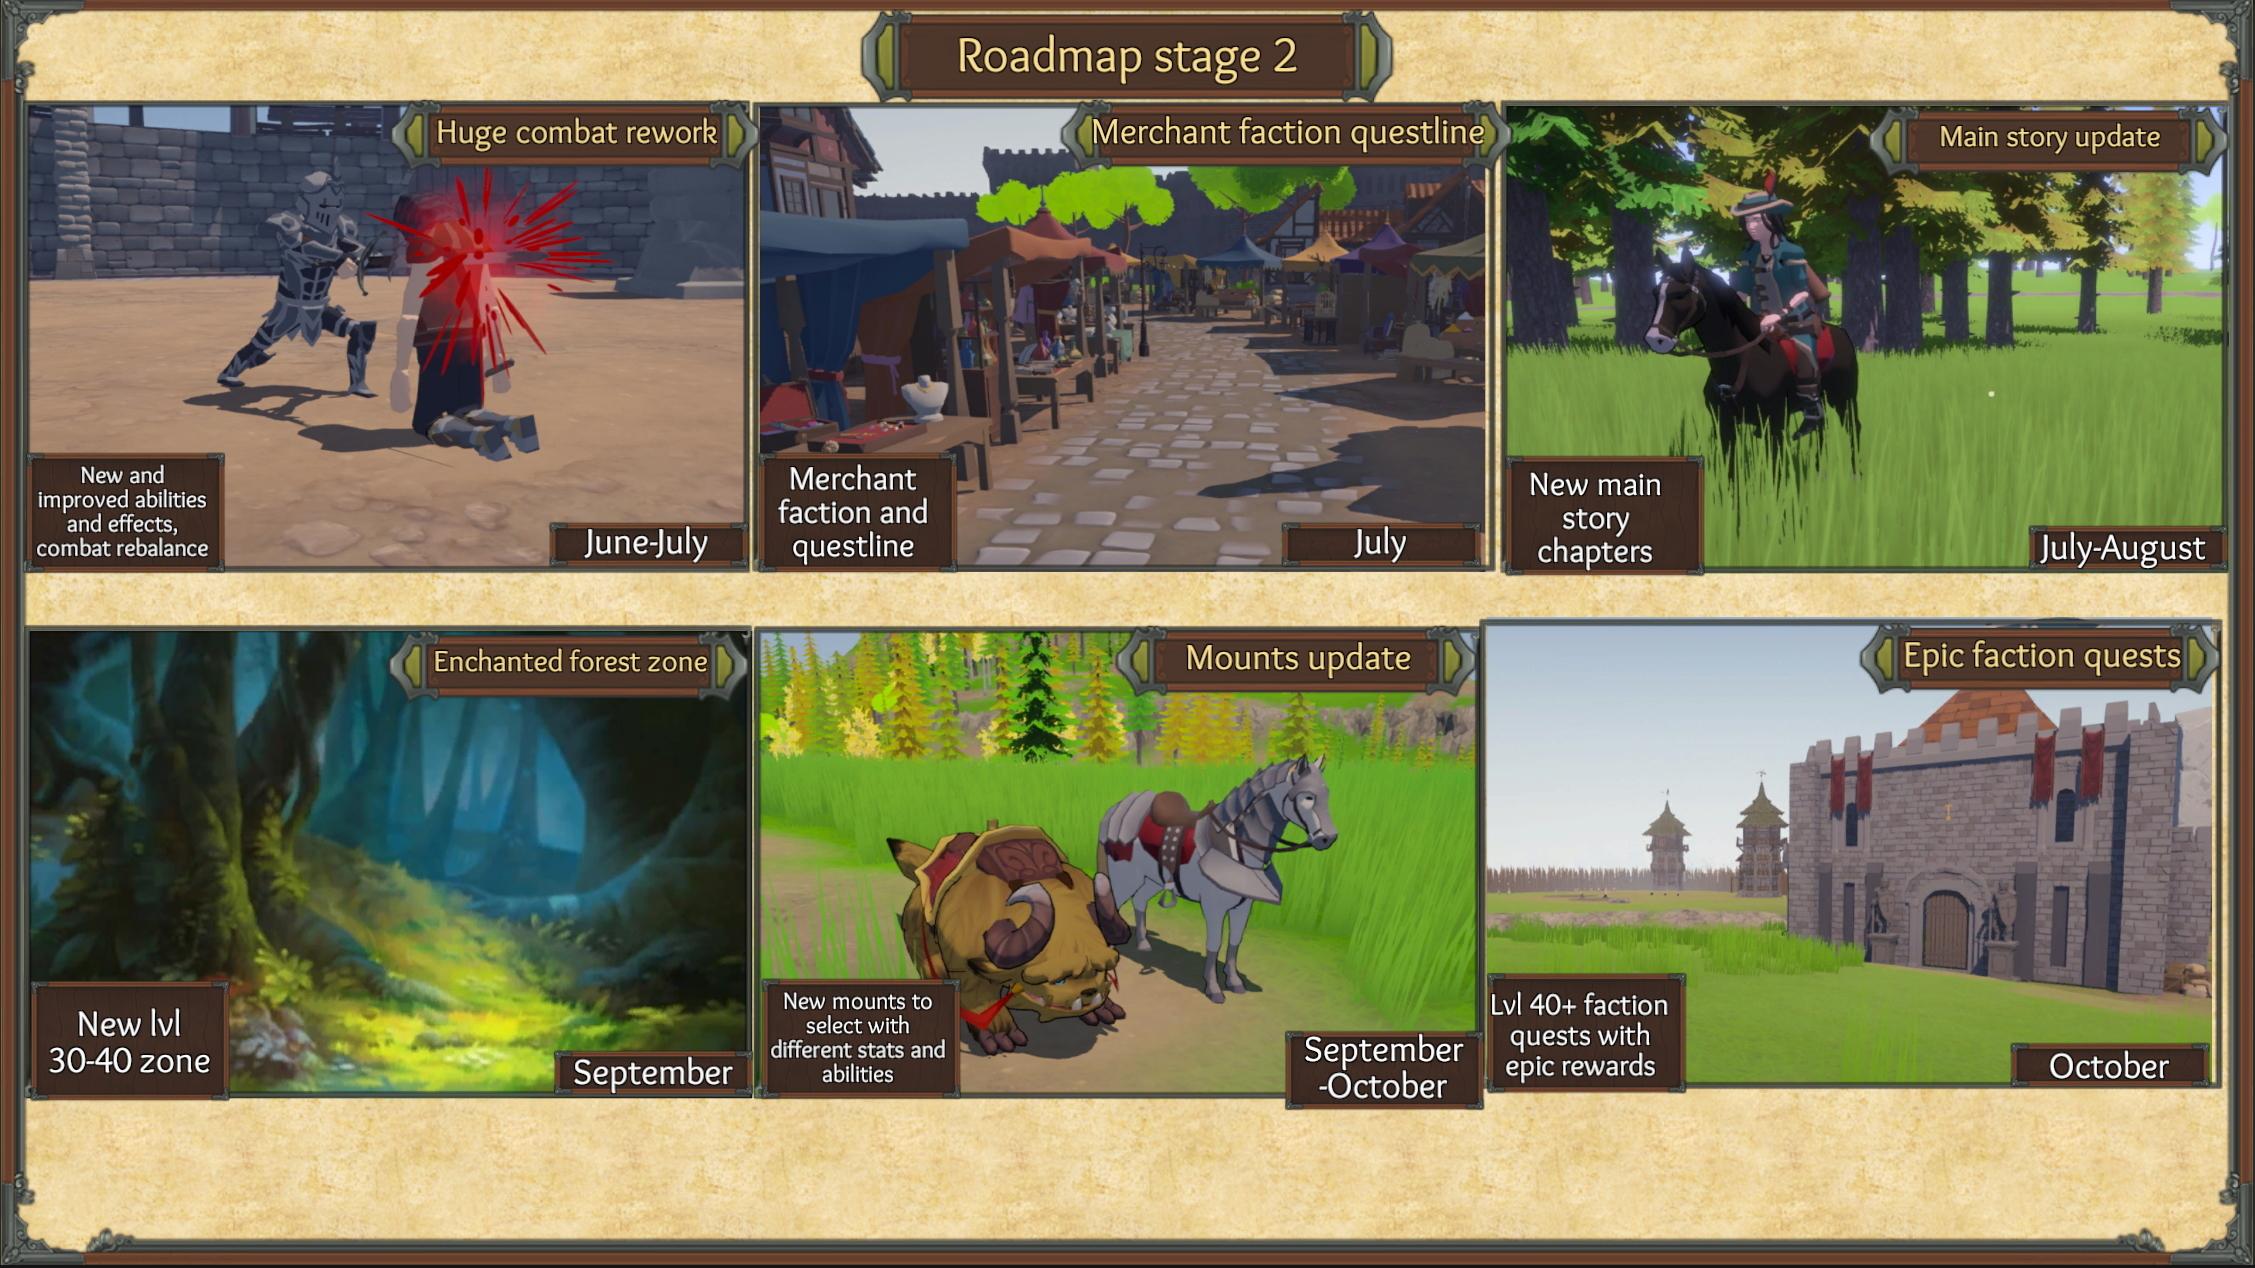 4c7e8b6667dbdfb0cca604c79006805e33a14c83   RPG Jeuxvidéo